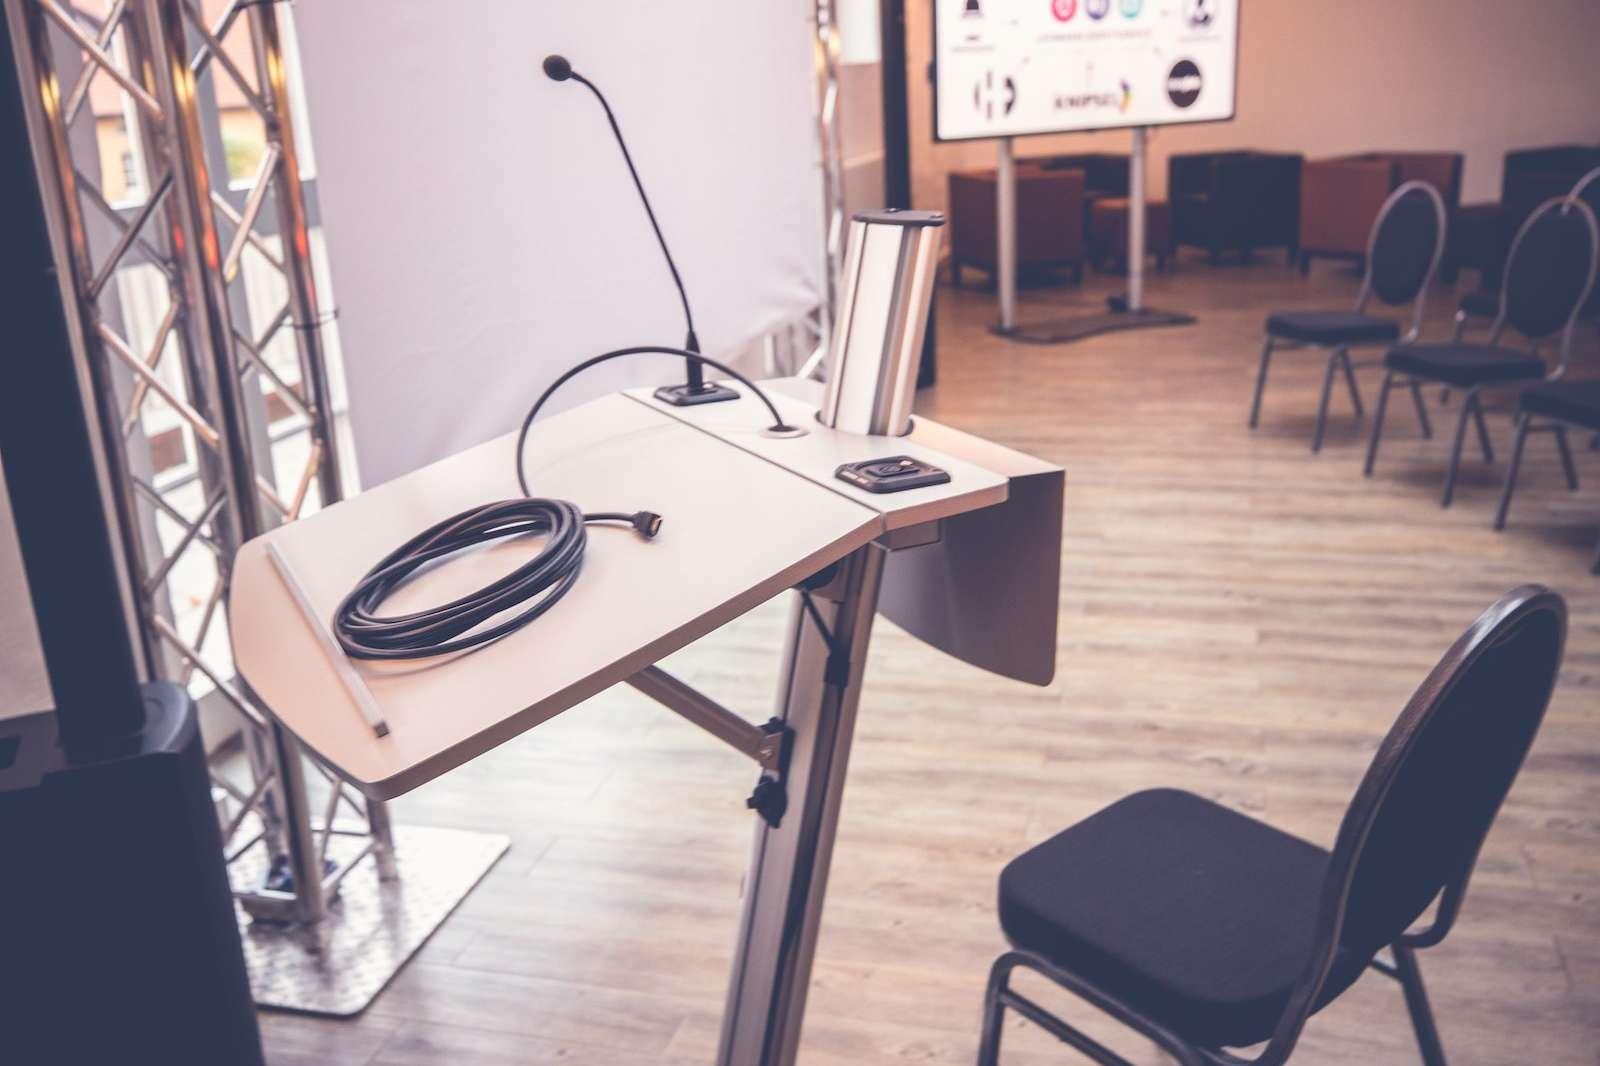 Tagungstechnik | Hannover | Mikrofone | Beamer | LCD | Leinwände | Rednerpult | Bühne | Lichttechnik | Tontechnik | Beschallung | Traversen | Mieten | Buchen | Lehmann | Eventservice